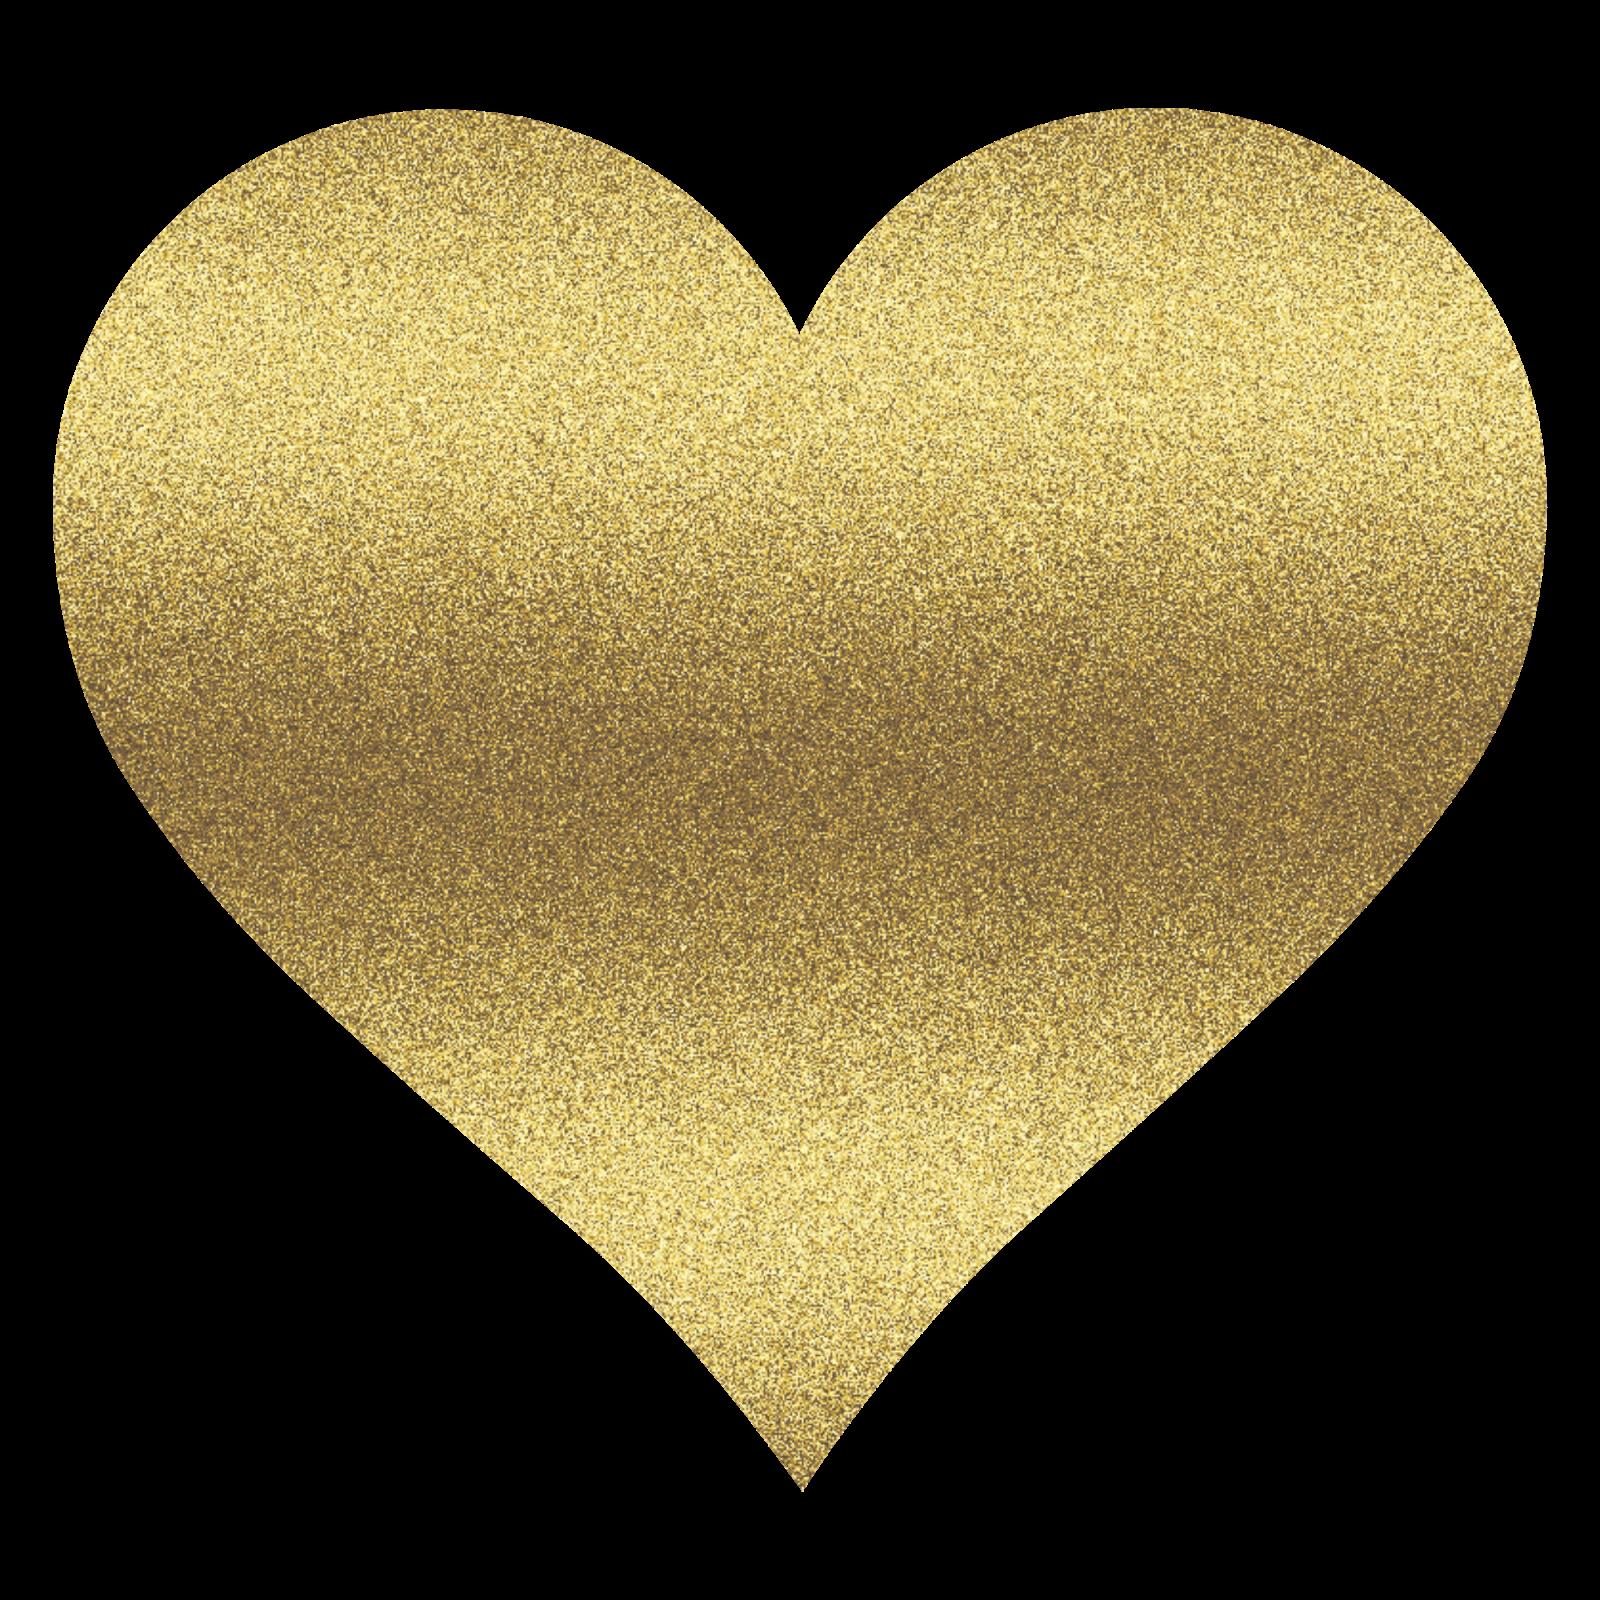 Glitter Heart Clipart - Gold Glitter Heart, Transparent background PNG HD thumbnail